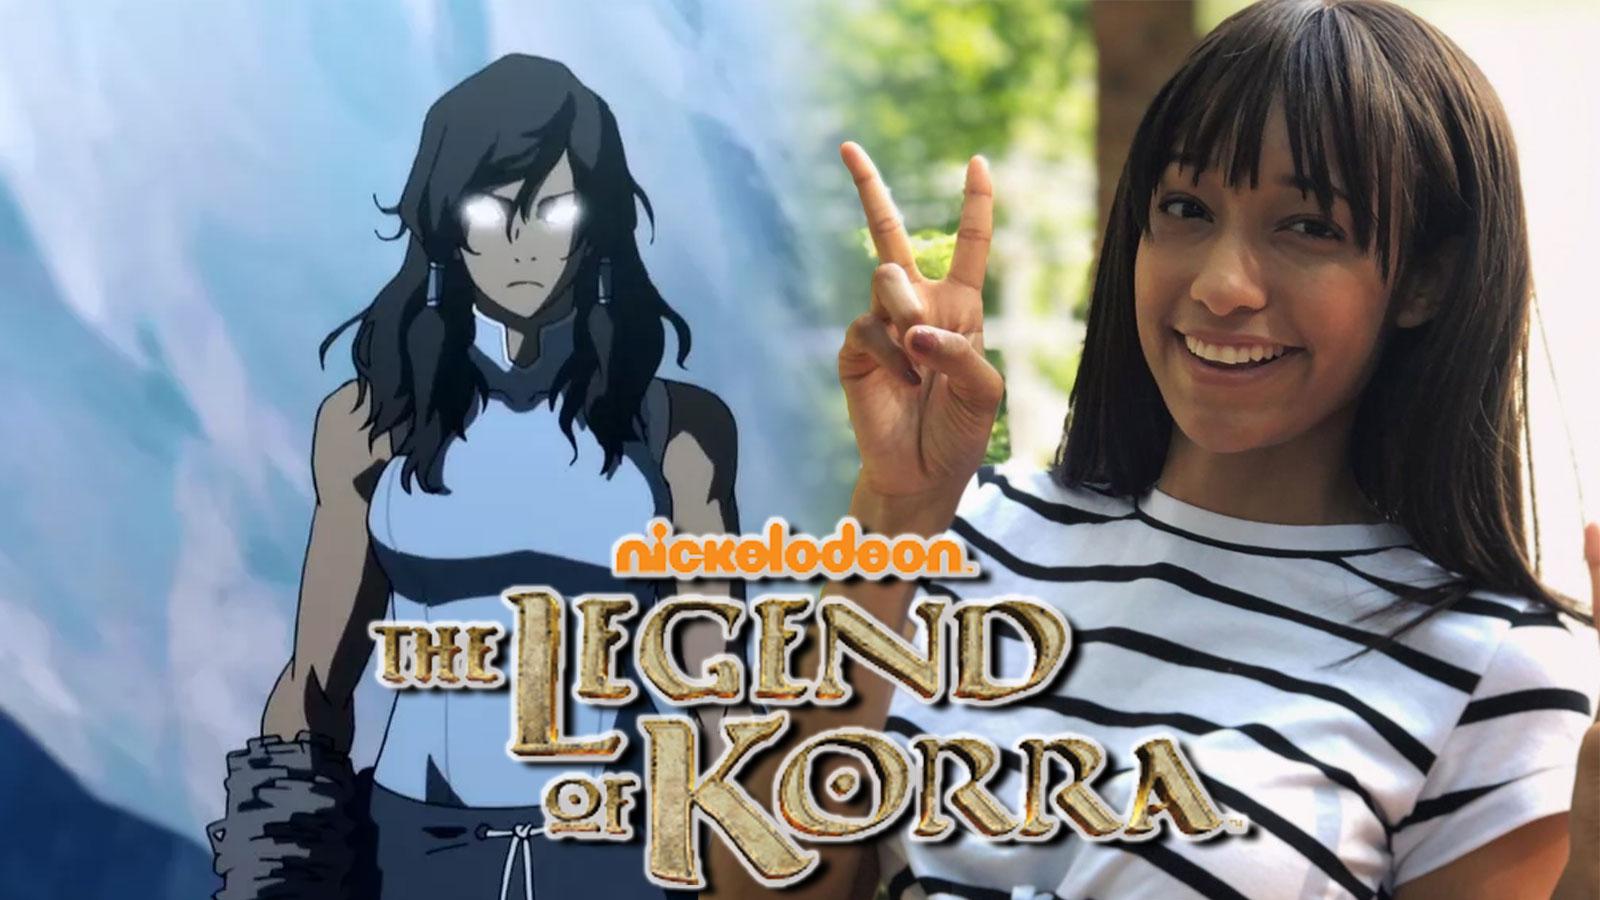 legend of korra cosplay